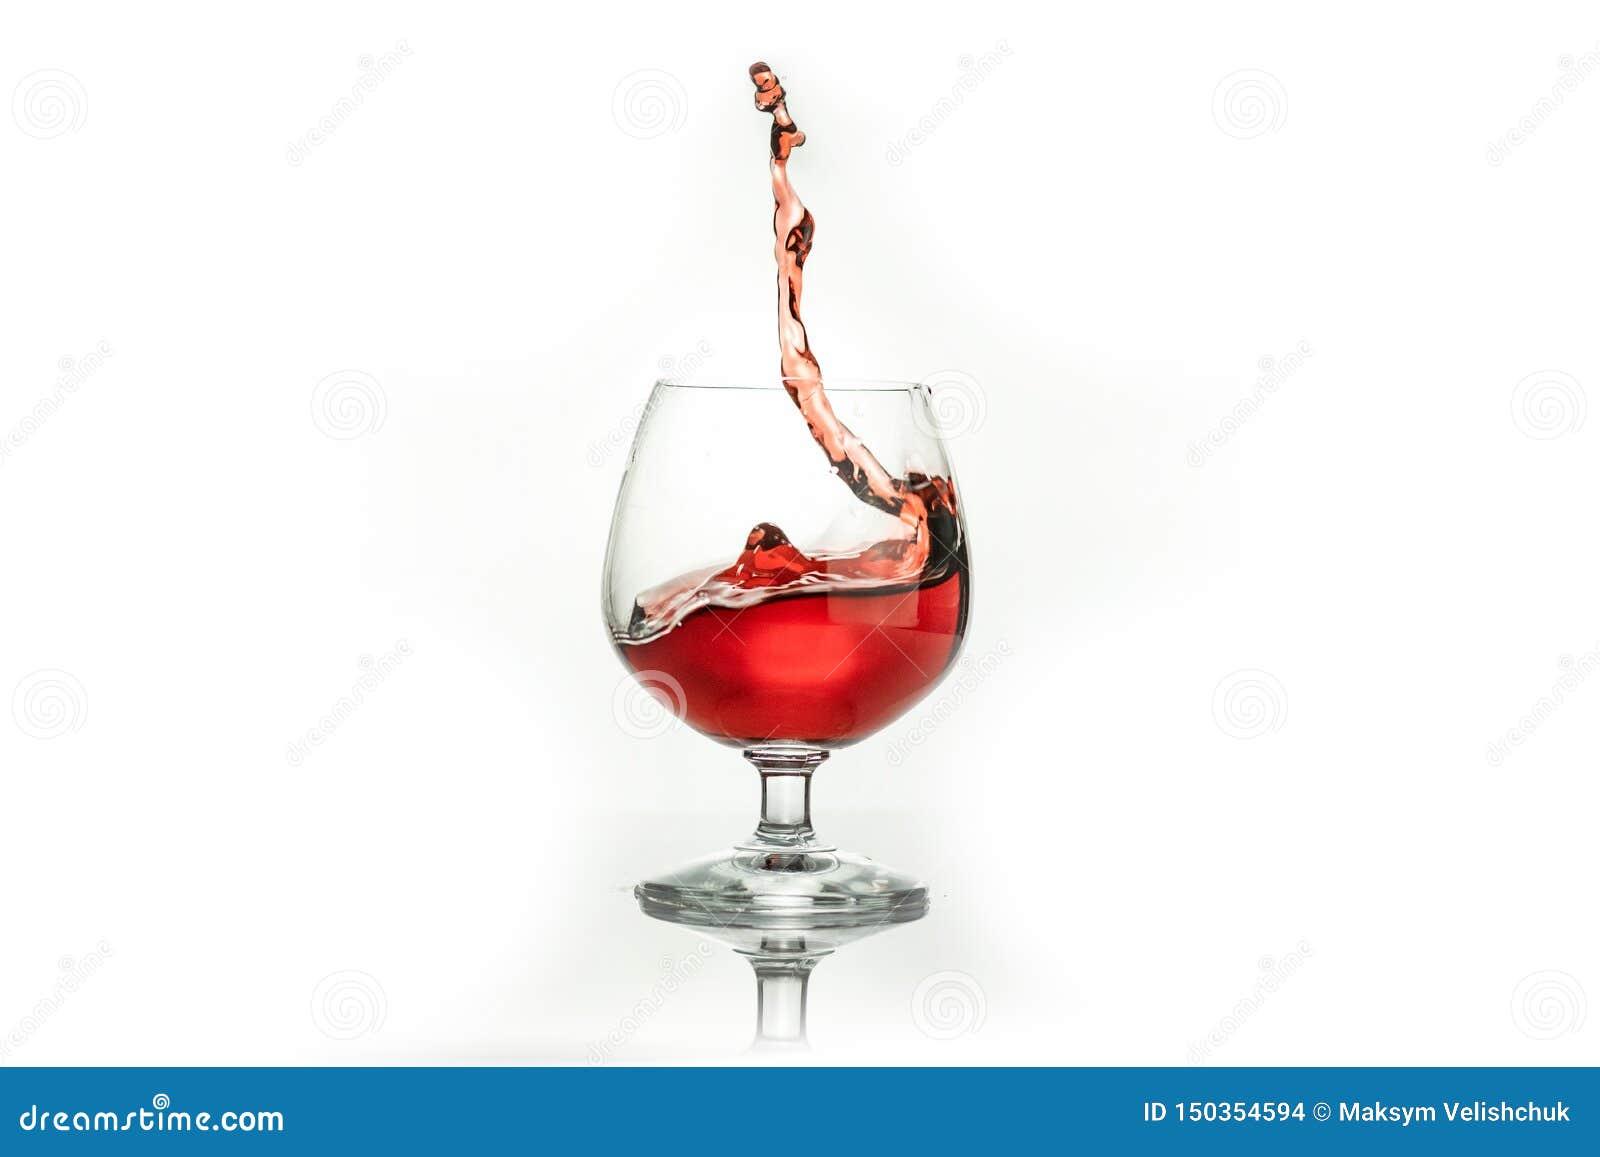 Vino rojo que salpica fuera de un vidrio, aislado en blanco